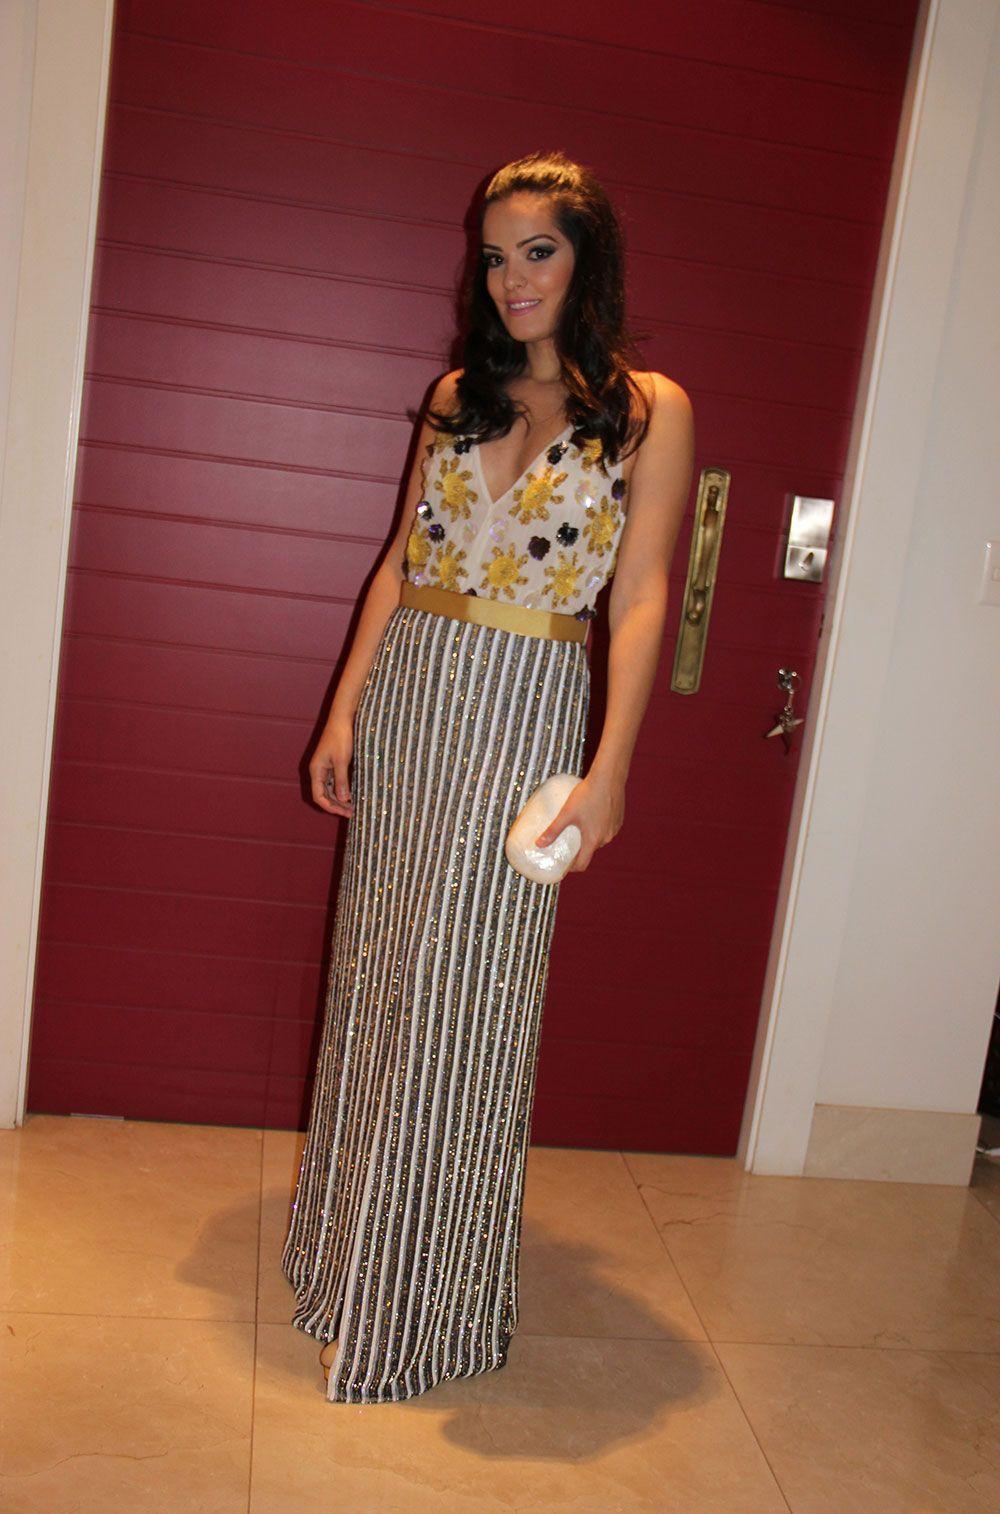 """Foto: Reprodução / <a href=""""http://www.blogdamariah.com.br/index.php/2014/06/look-do-dia-casamento-da-bruna/"""" target=""""_blank"""">Blog da Mariah</a>"""